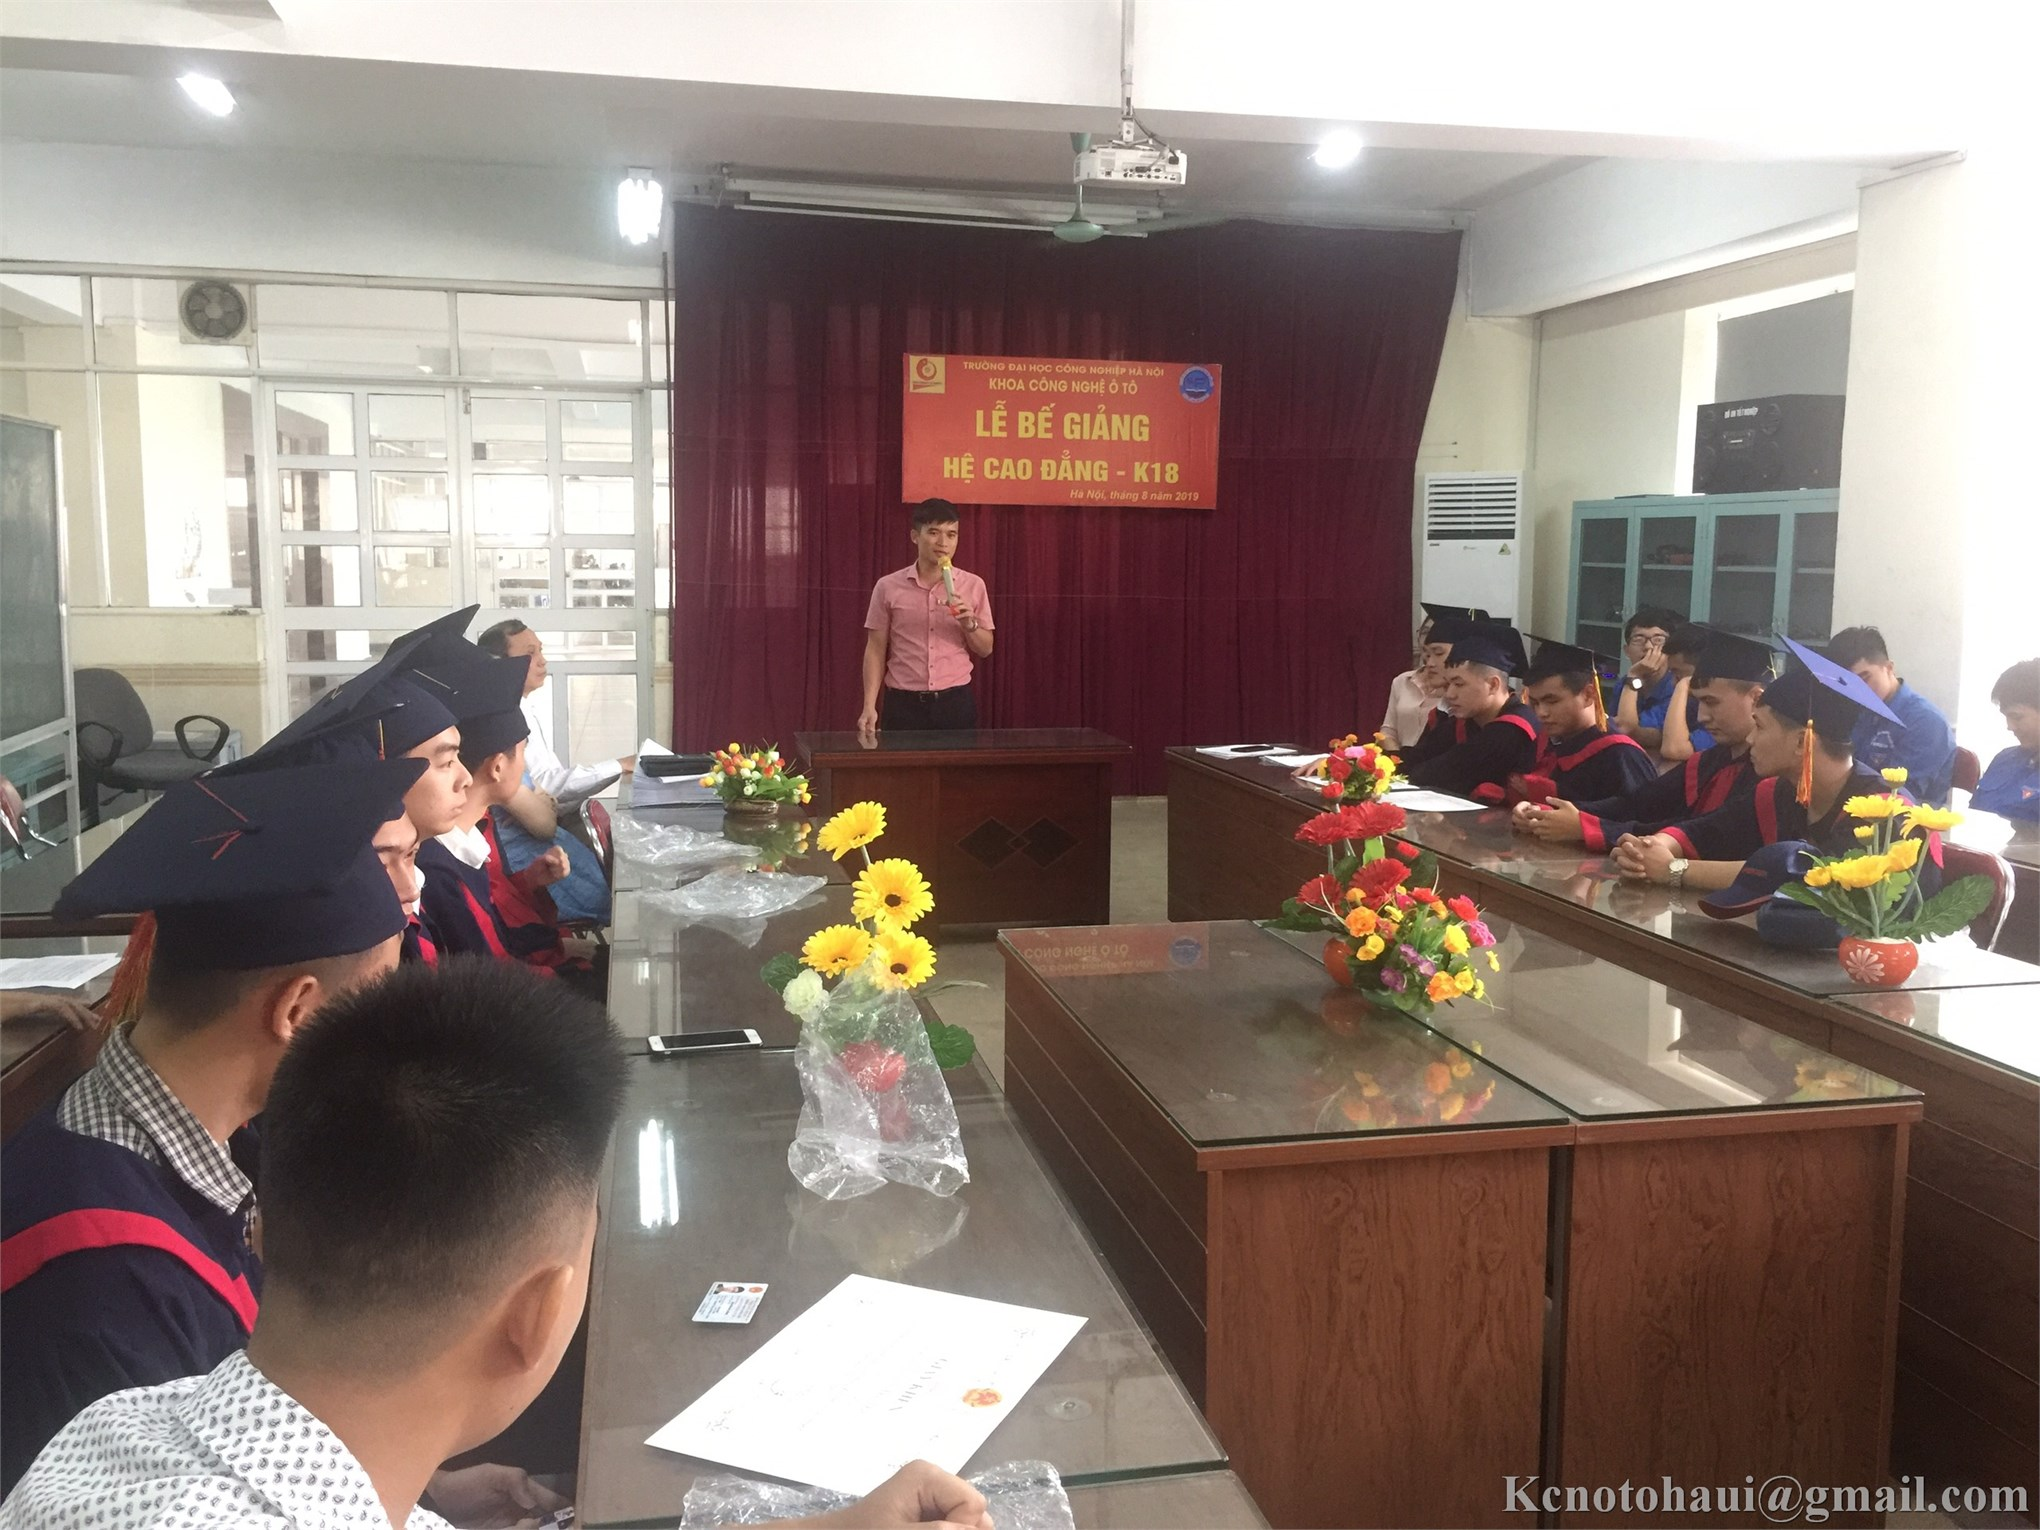 Khoa Công nghệ ôt ô tổ chức bế giảng và trao bằng tốt nghiệp cho sinh viên CĐ K18